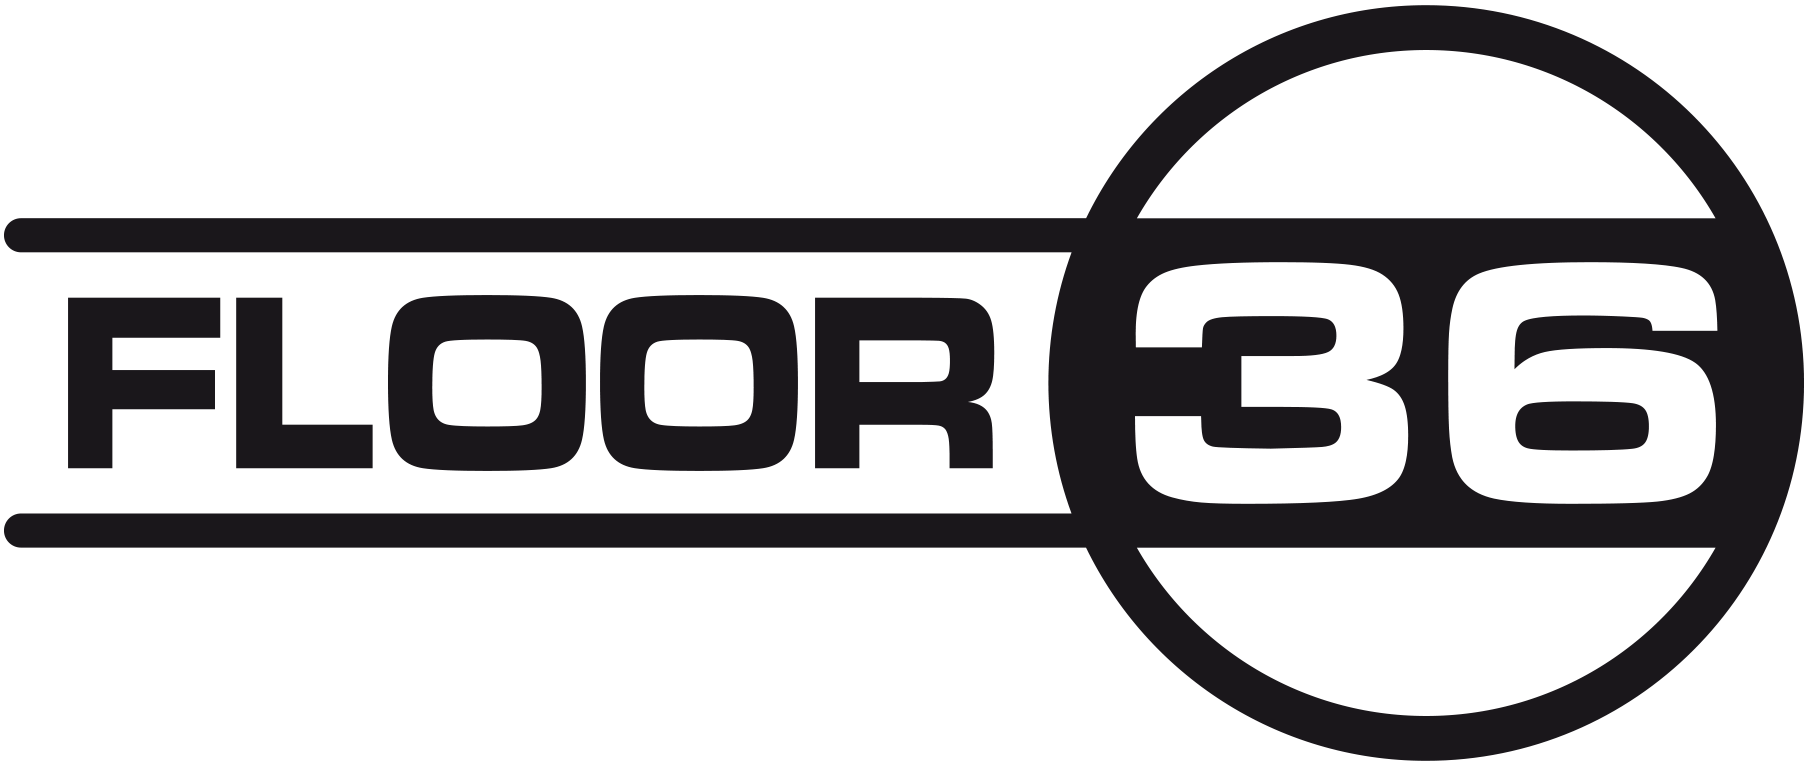 Floor 36 logo